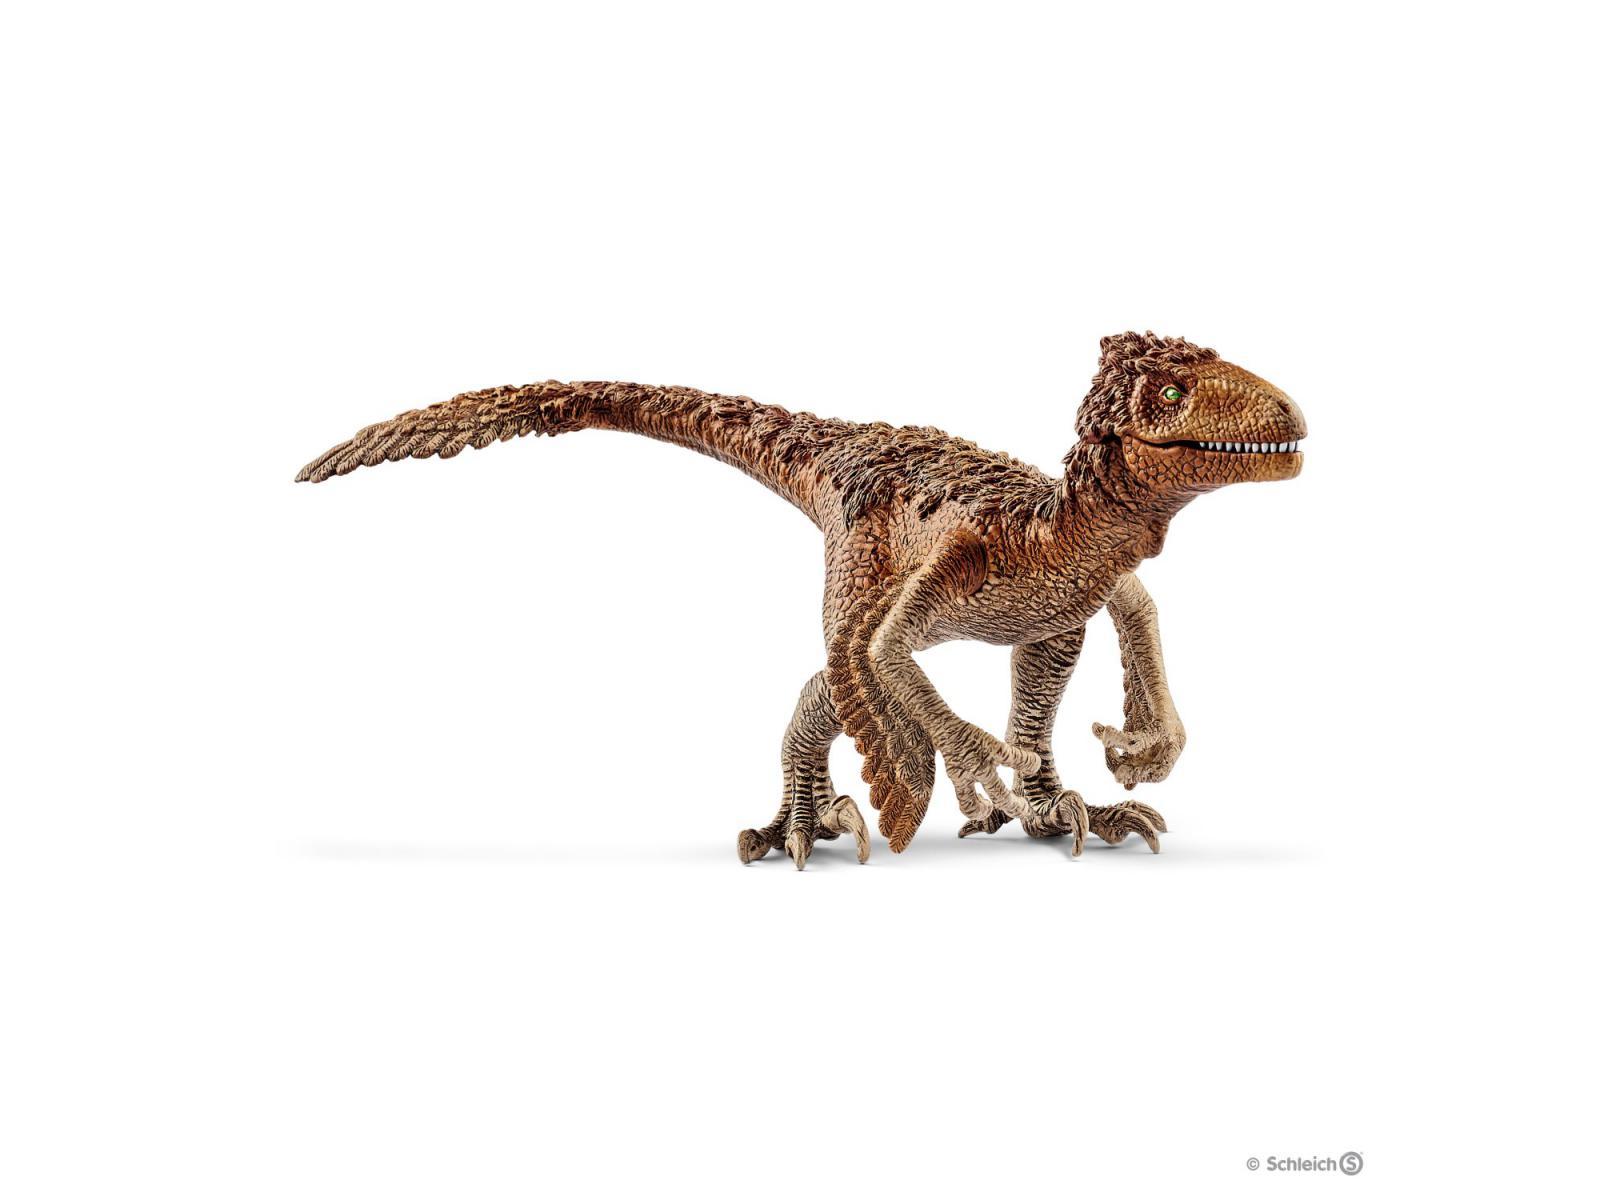 Schleich Figurine Raptors à Plumes 288 Cm X 164 Cm X 173 Cm